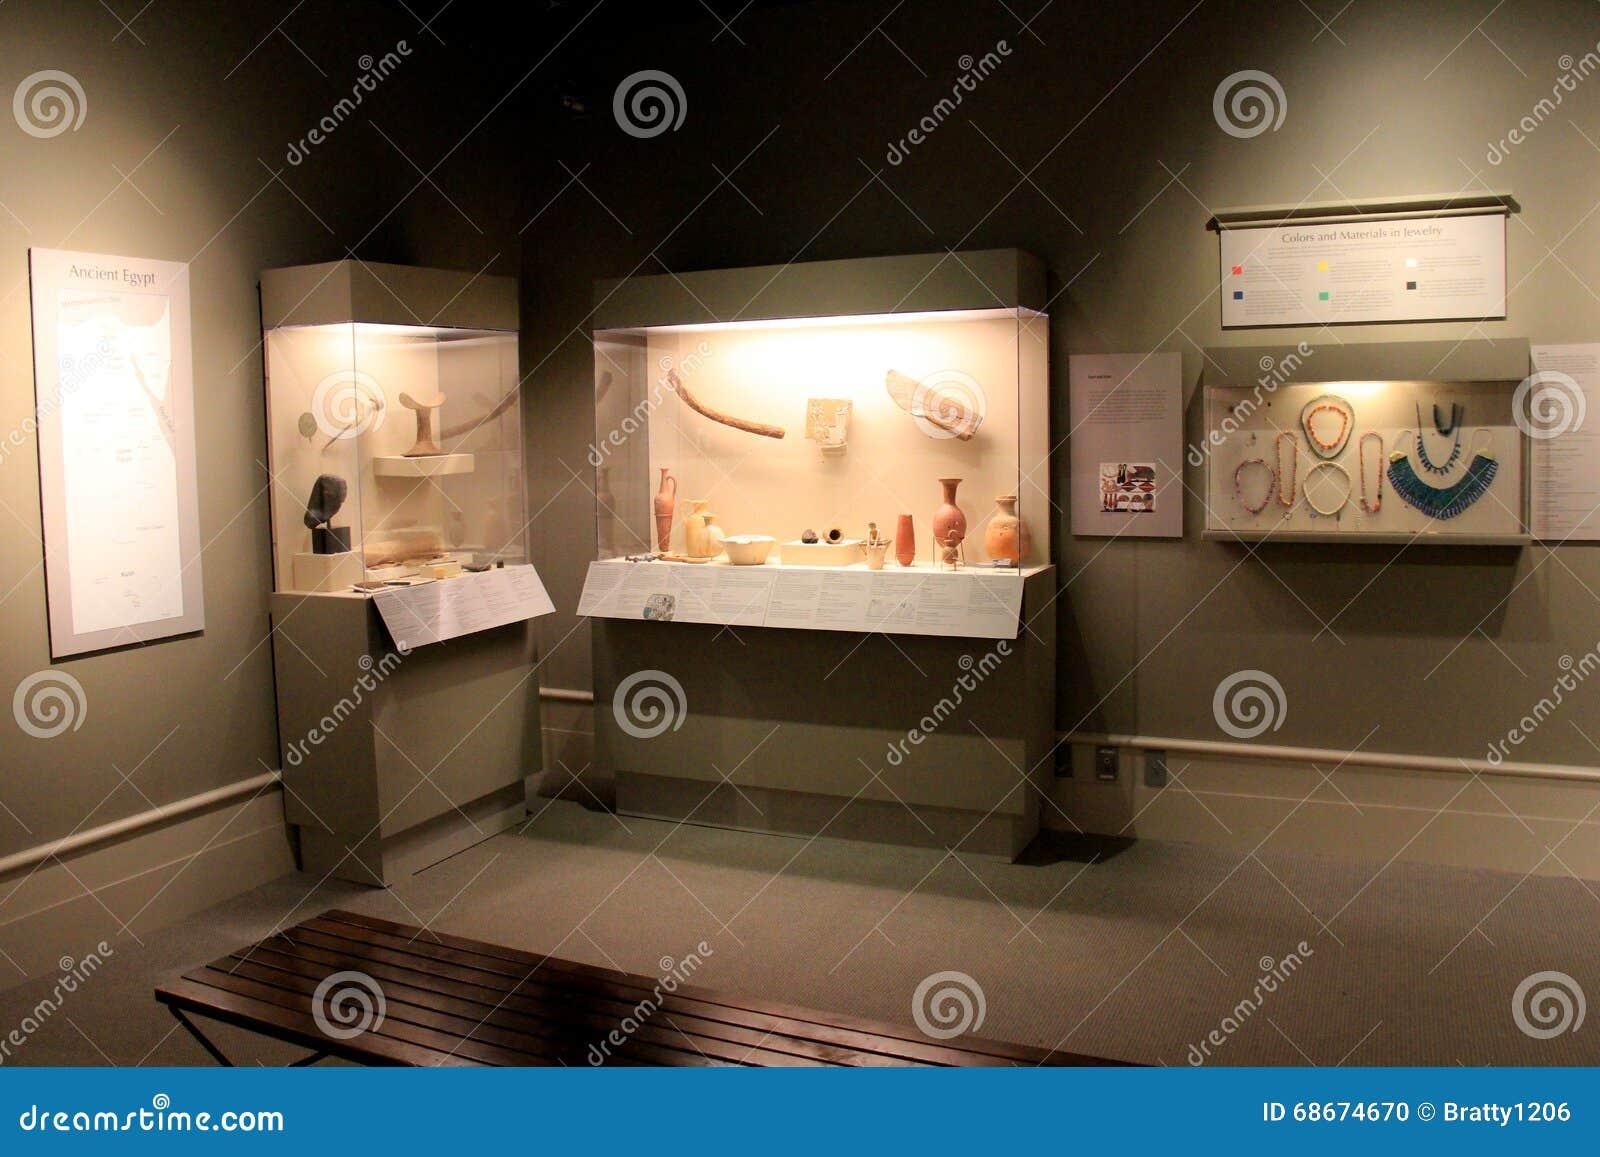 Exhibiciones extensas de artefactos egipcios, del instituto de la historia y del arte, 2016